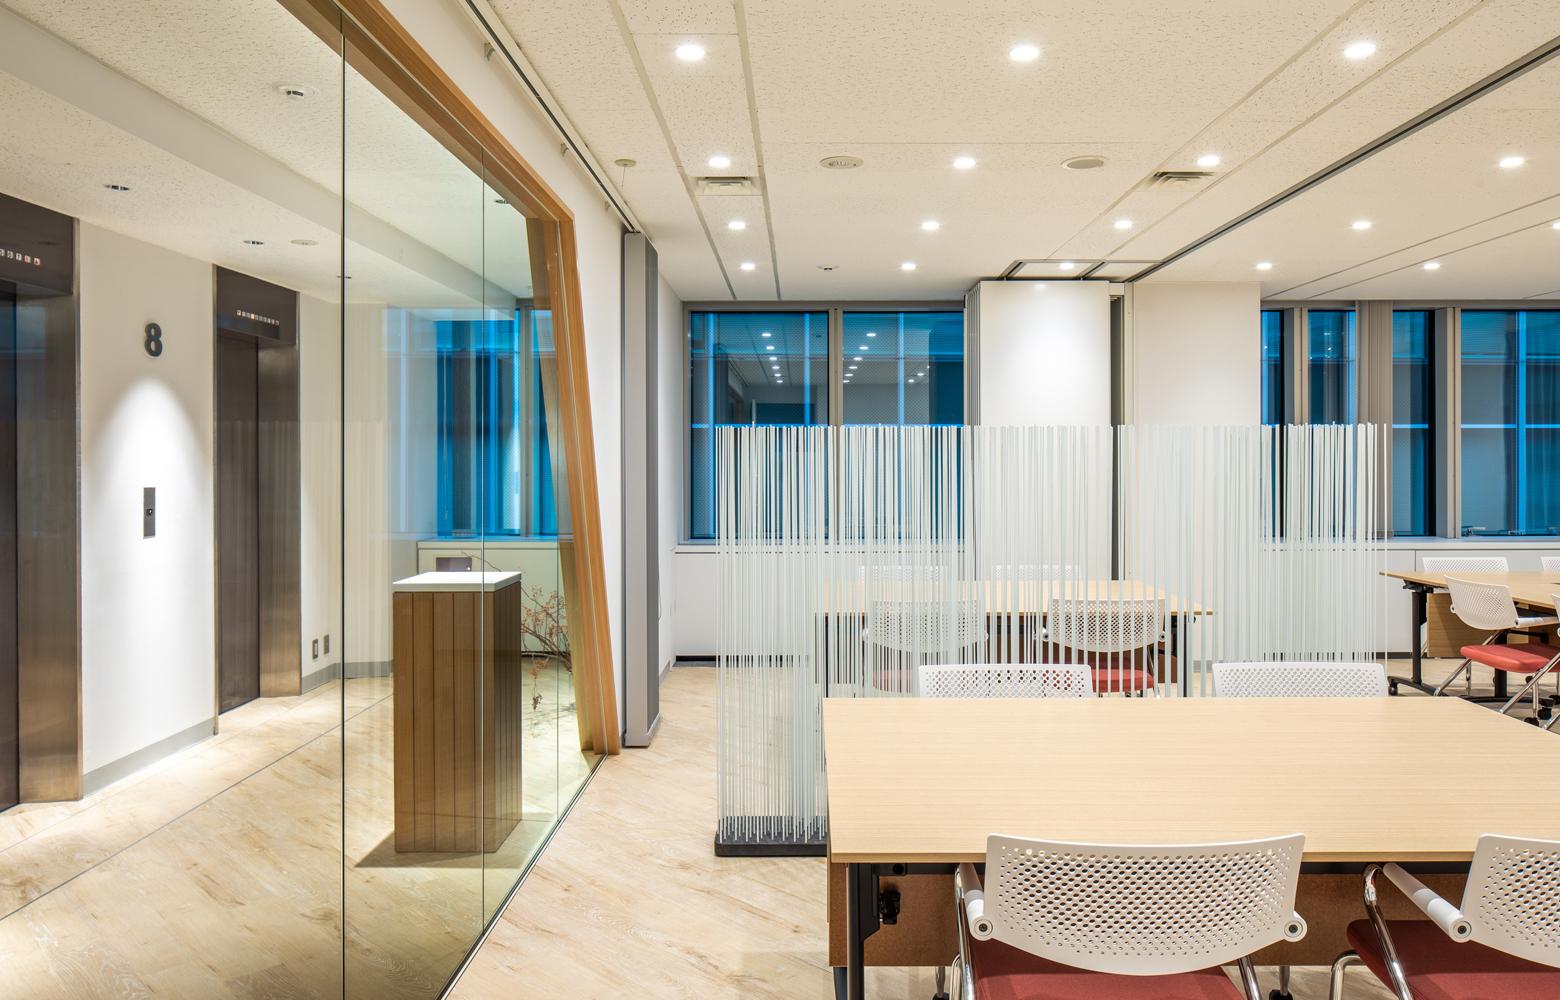 日昭電気株式会社 Meeting Room デザイン・レイアウト事例